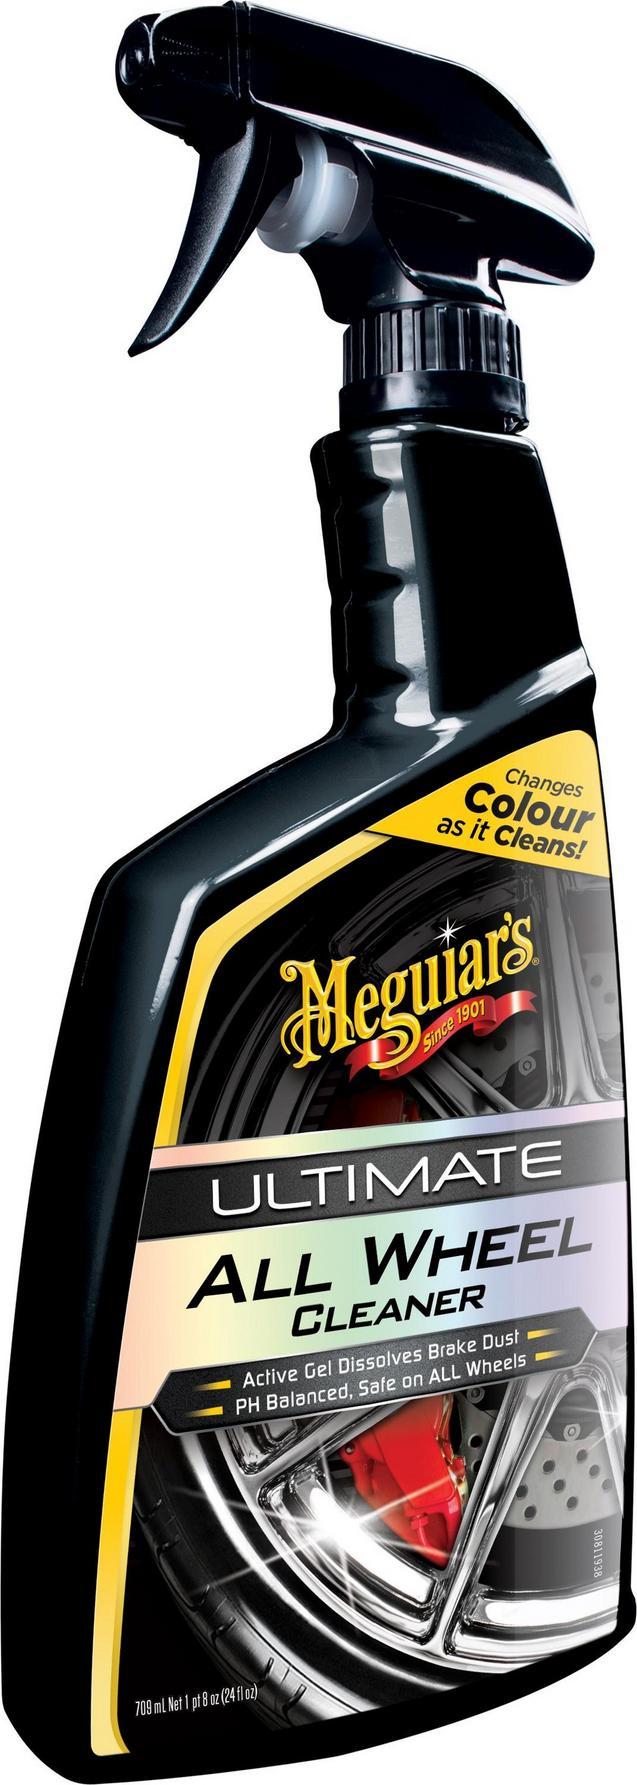 Meguiars Ultimate Wheel Cleaner